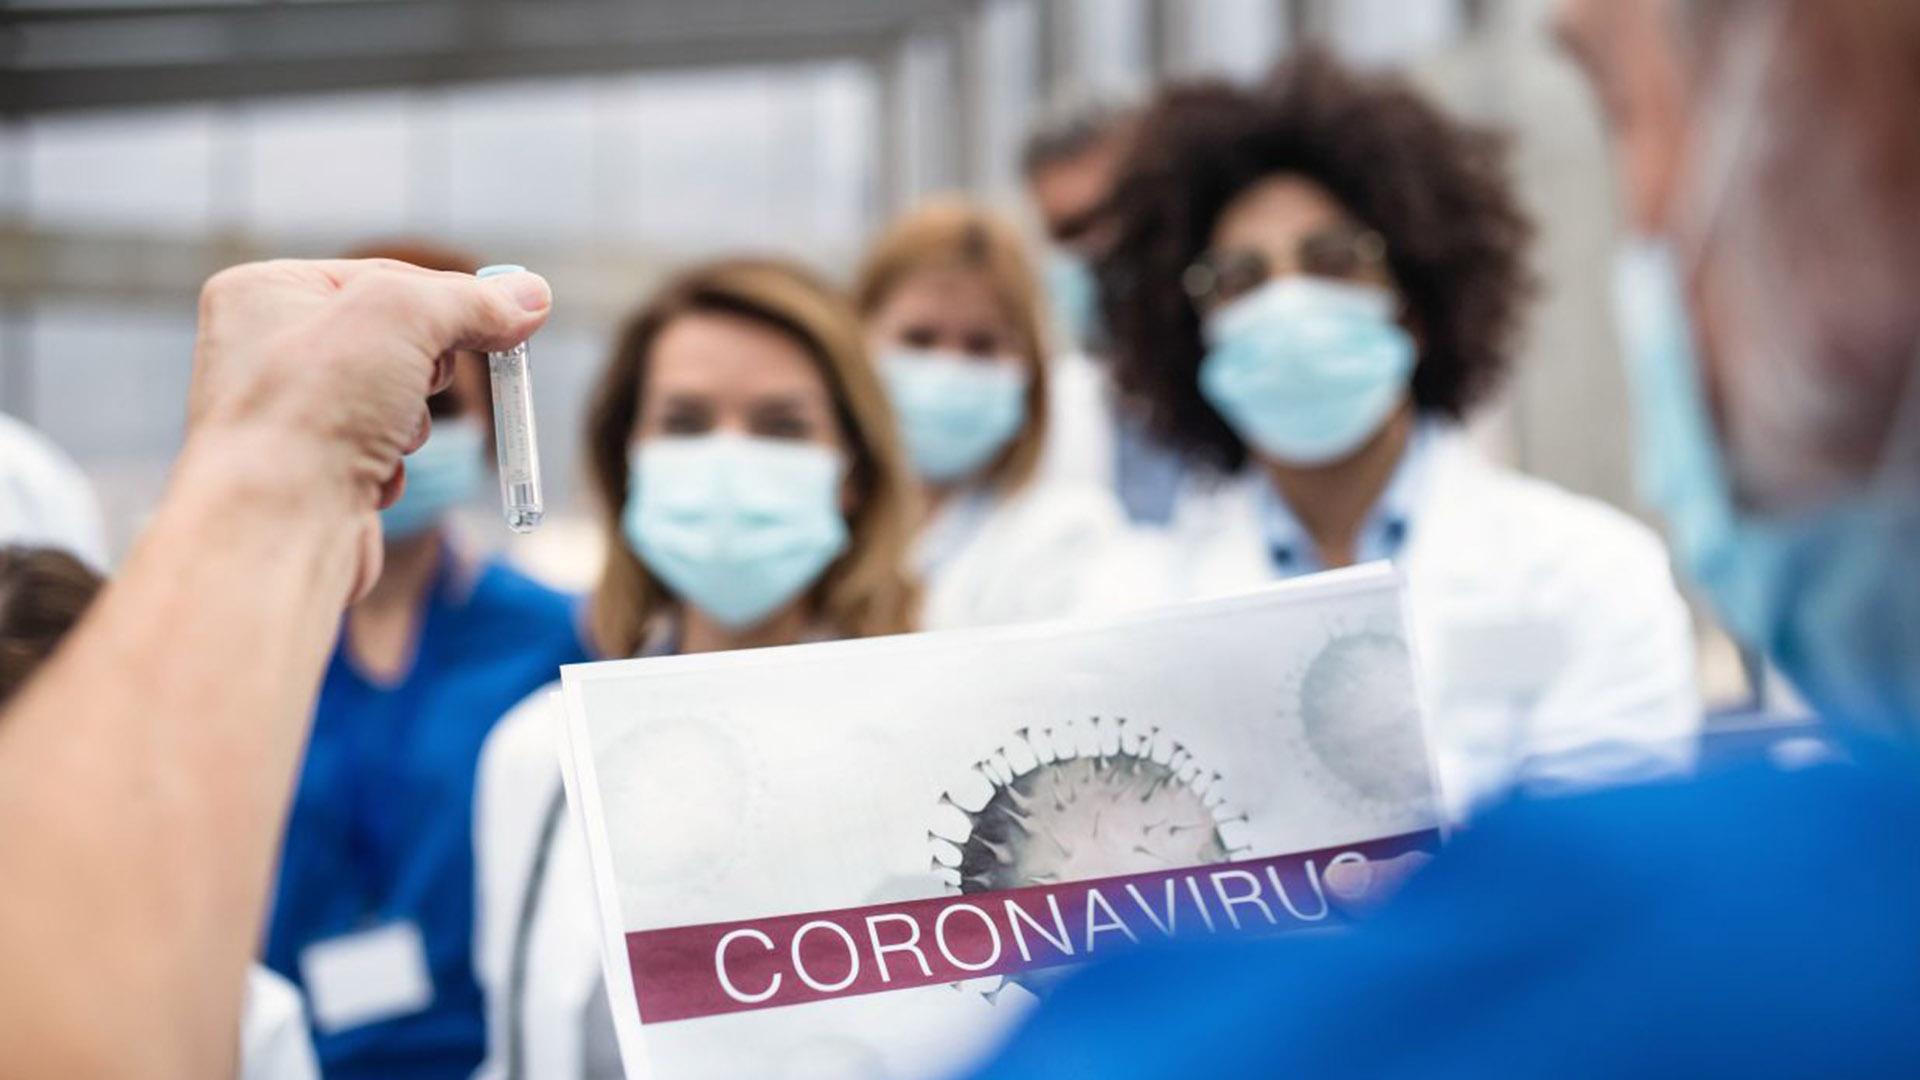 ¿Qué debemos esperar? Los 6 escenarios probables en la pandemia por COVID-19